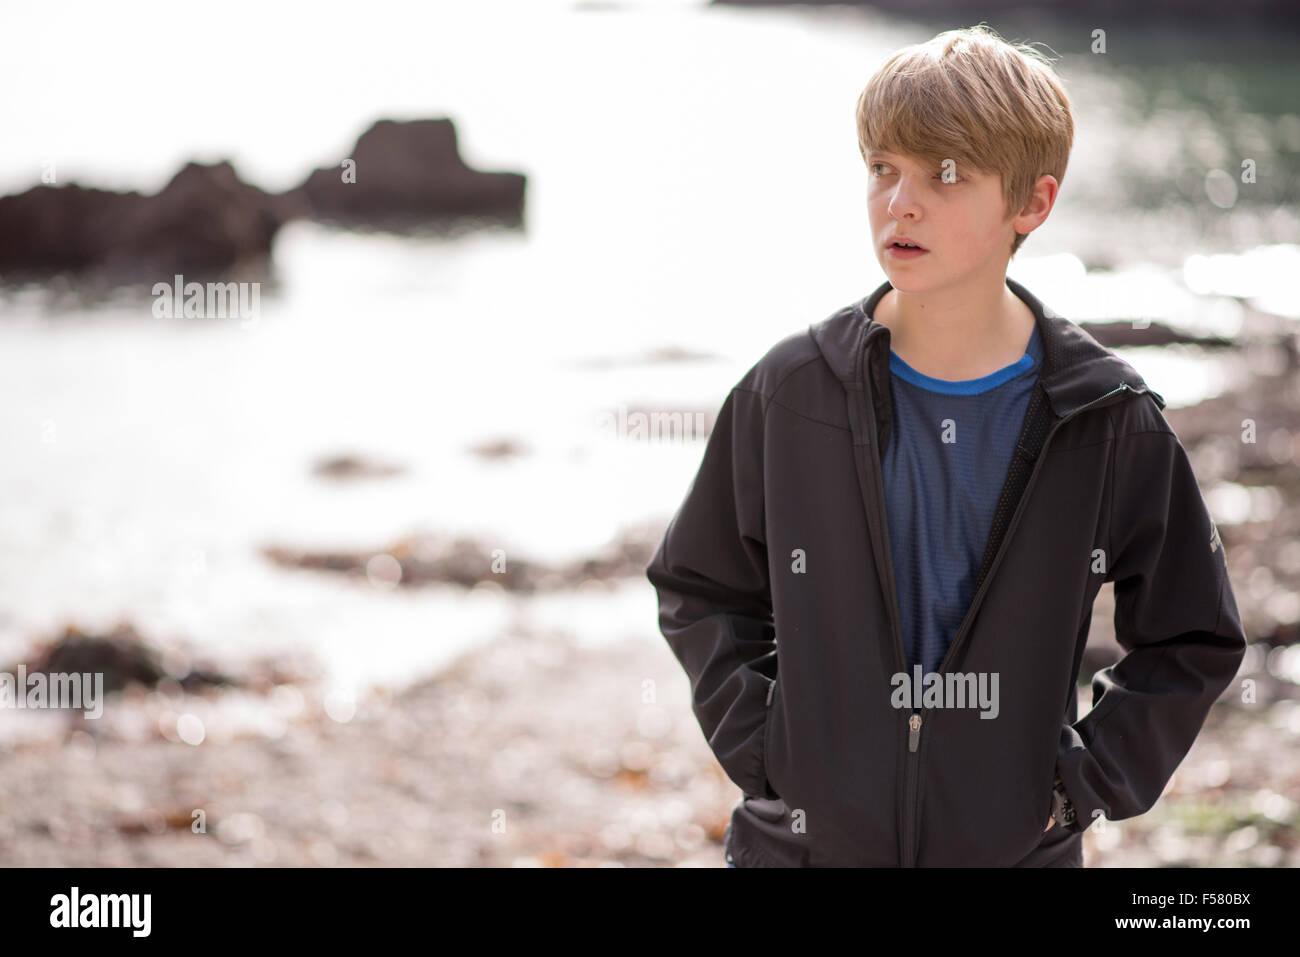 Biondo bianco ragazzo adolescente in una giacca nera cammina da sola su una spiaggia cercando triste e infelice in autunno sunshine Foto Stock